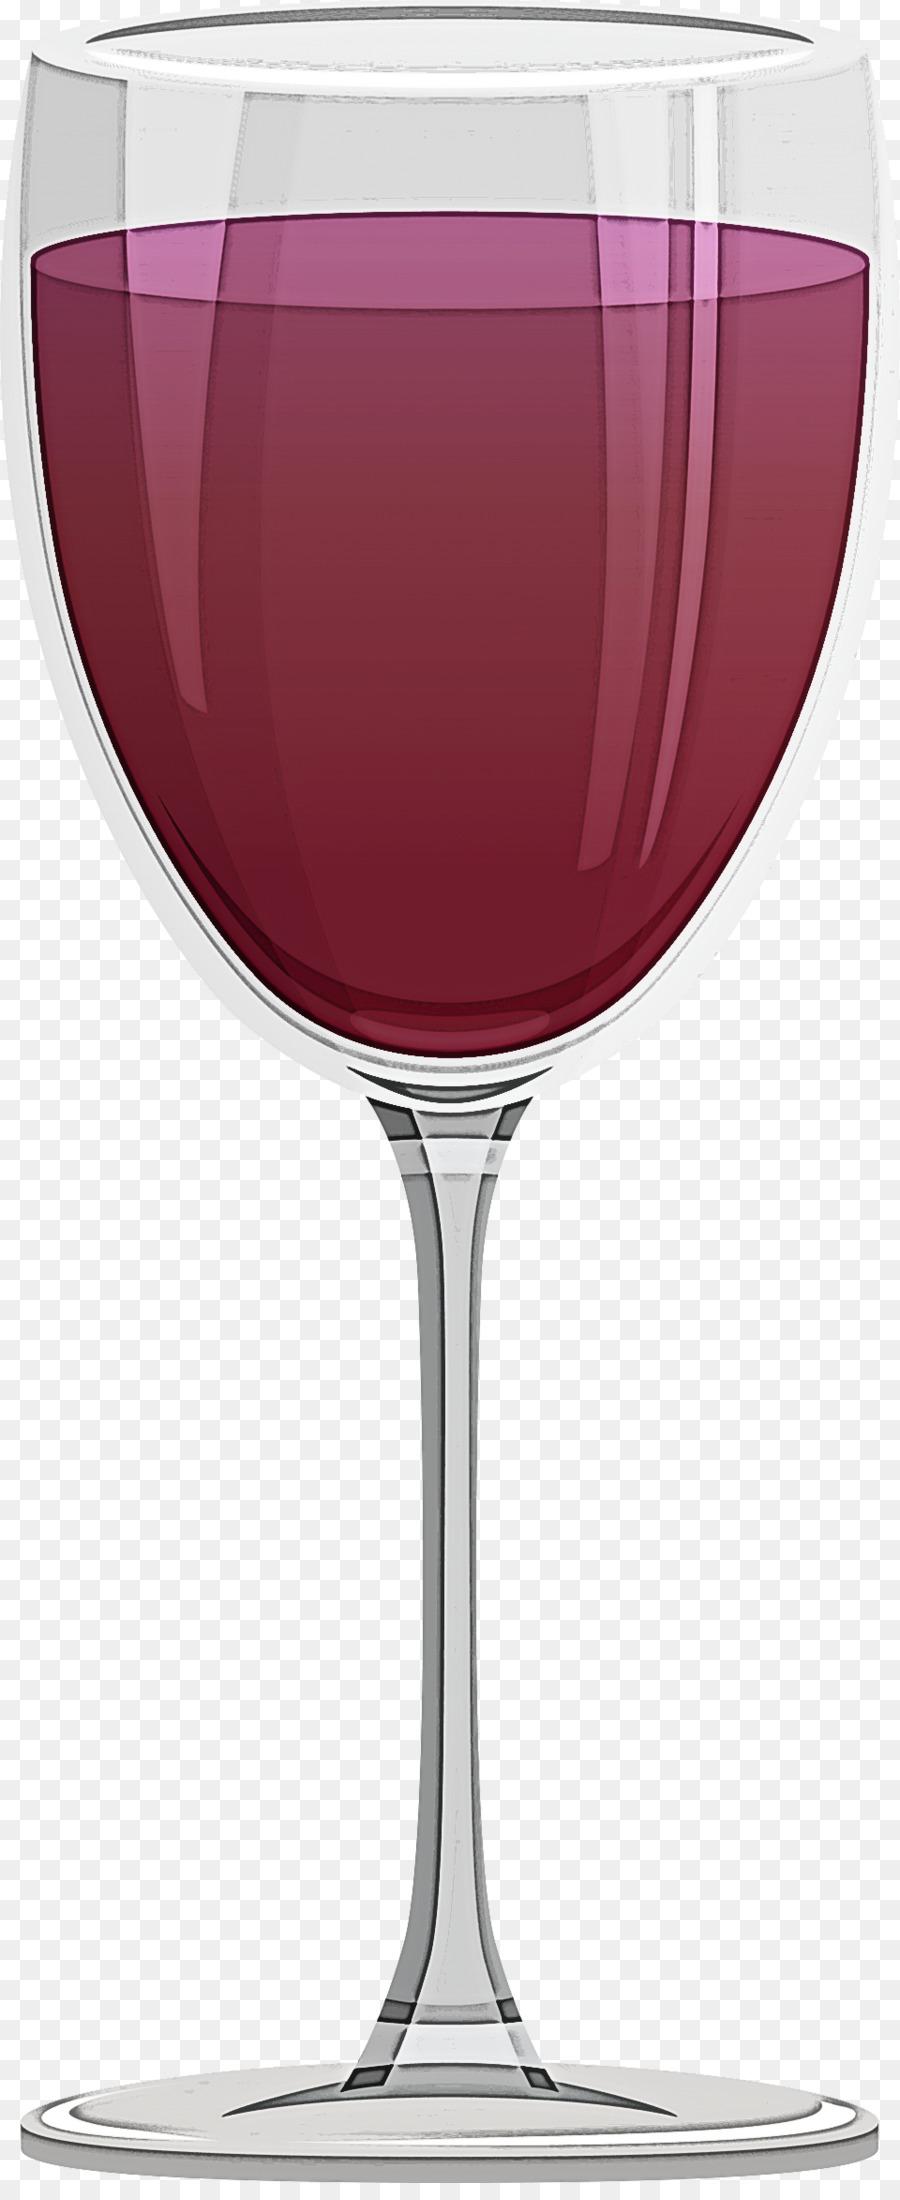 Descarga gratuita de Copa De Vino, Vino Tinto, Vino De Cóctel Imágen de Png